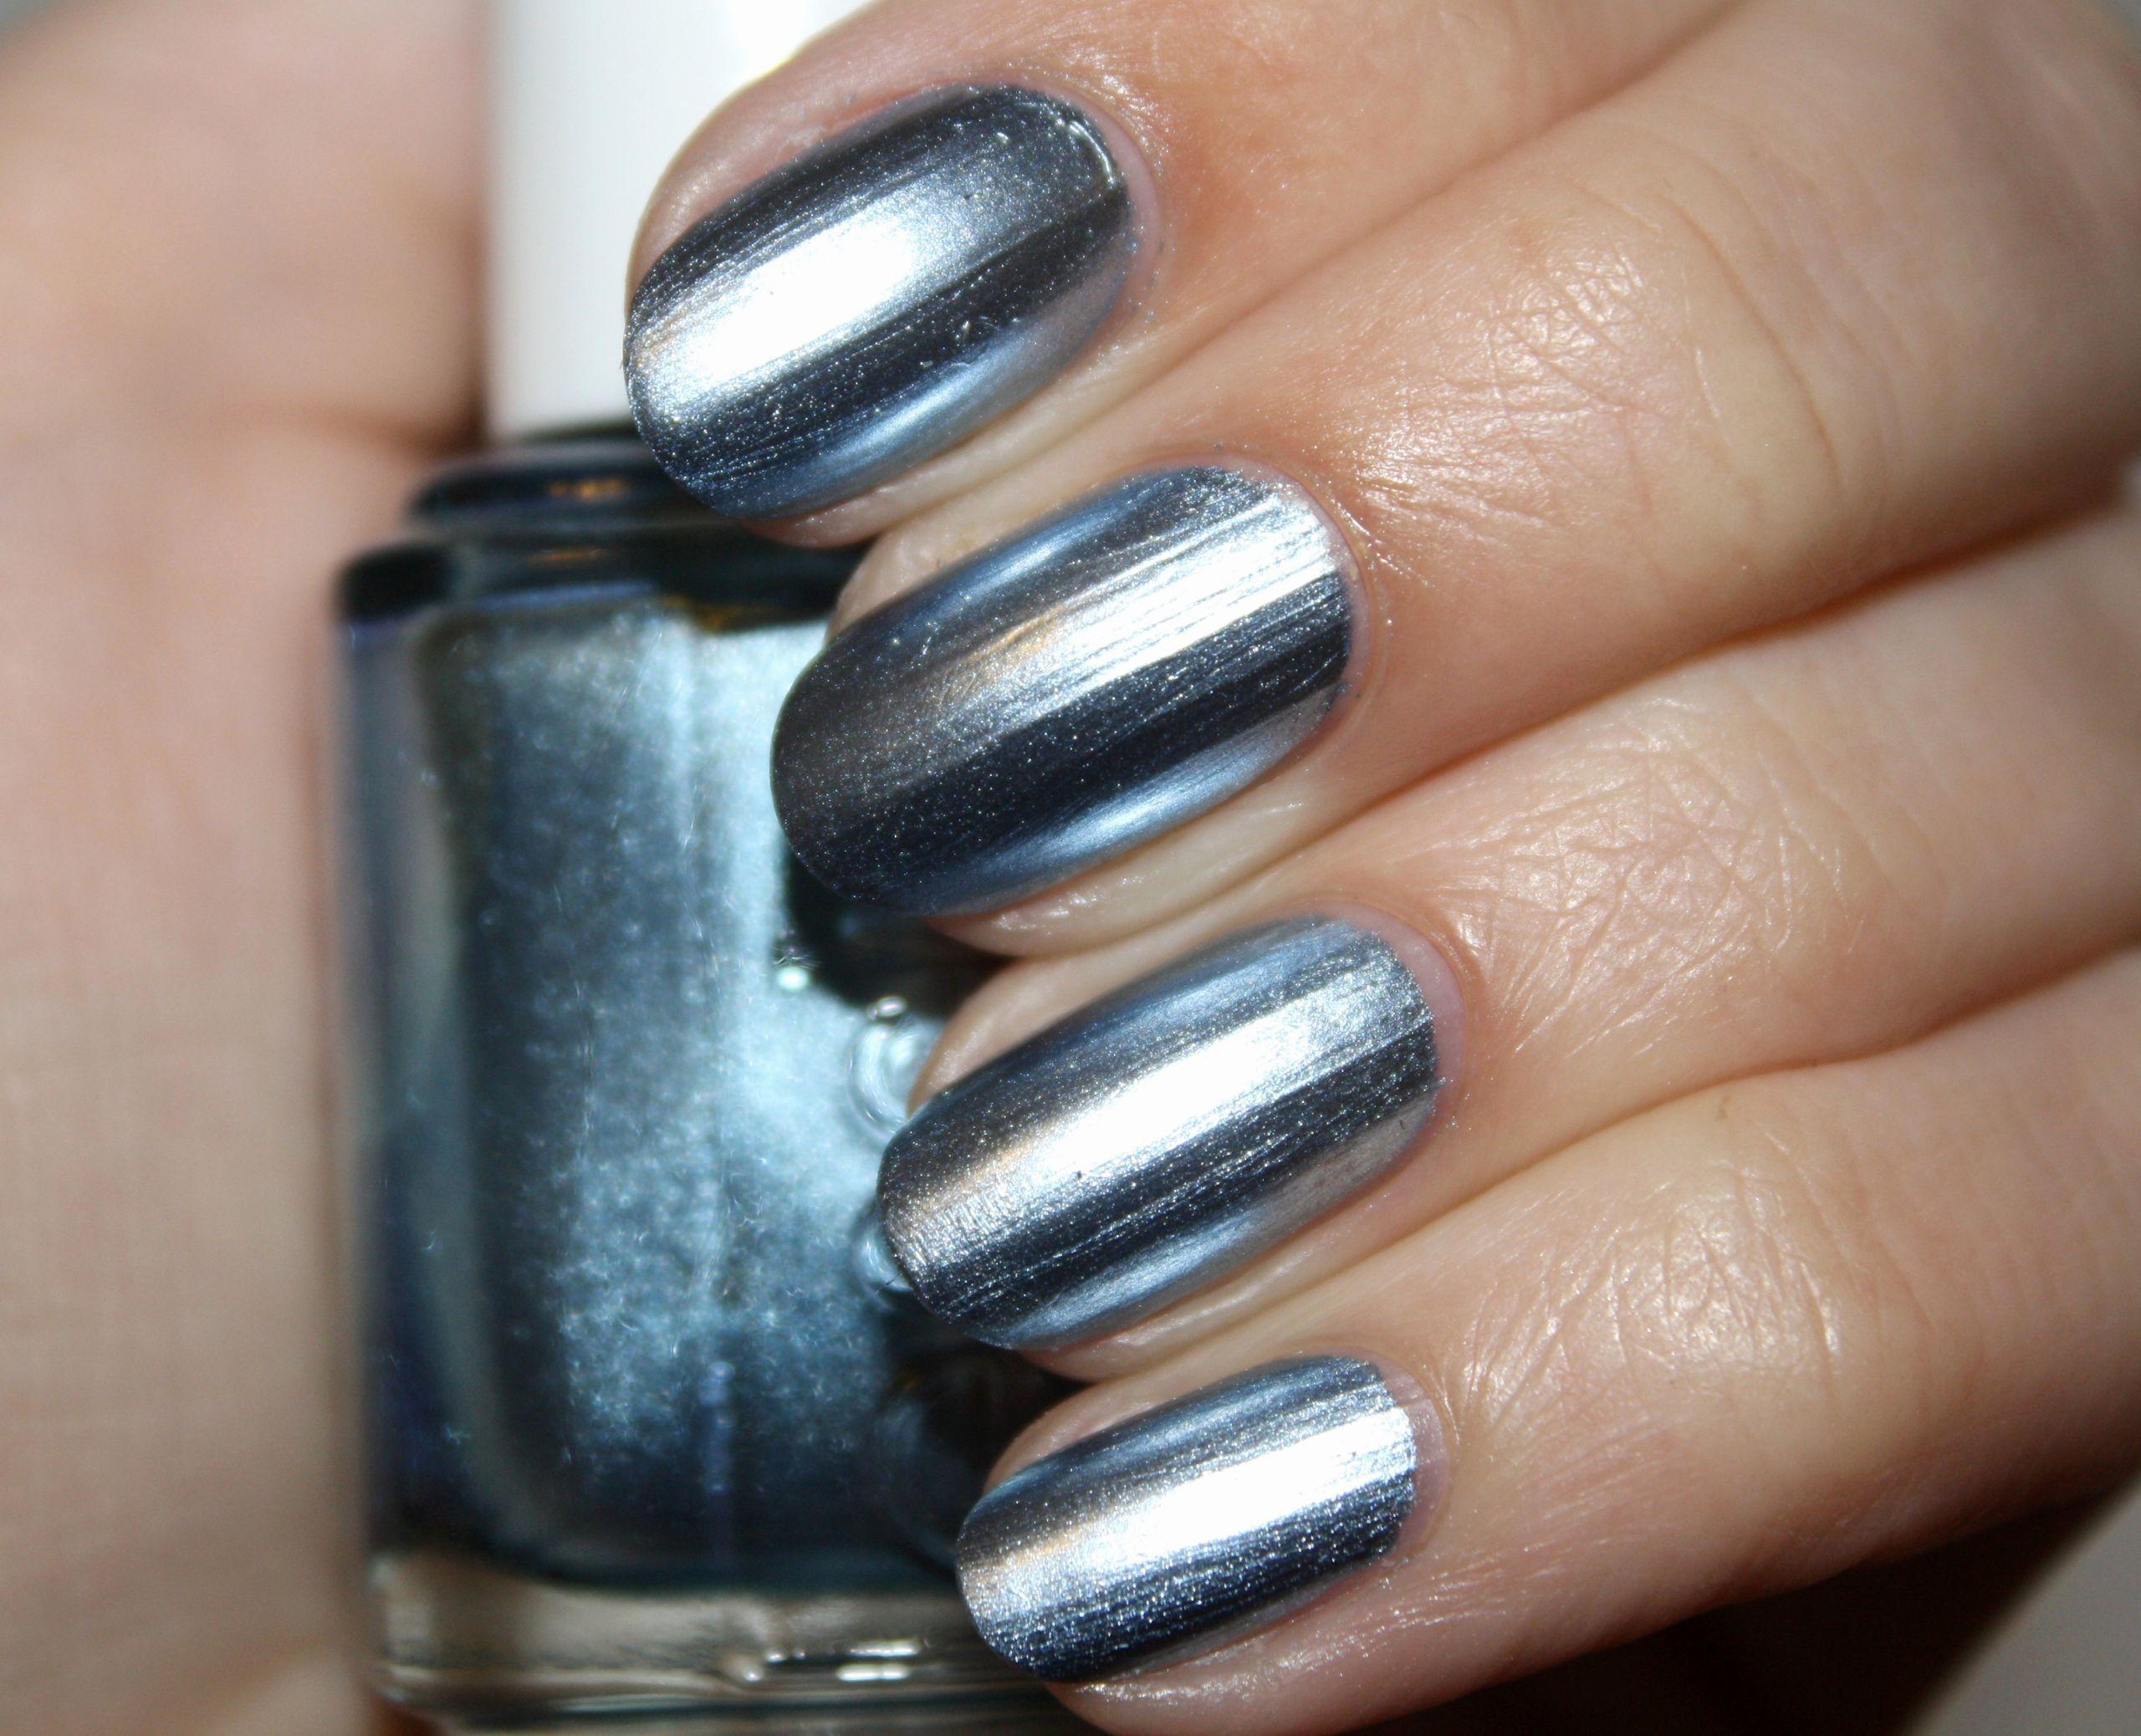 Metallic nail polish in silver